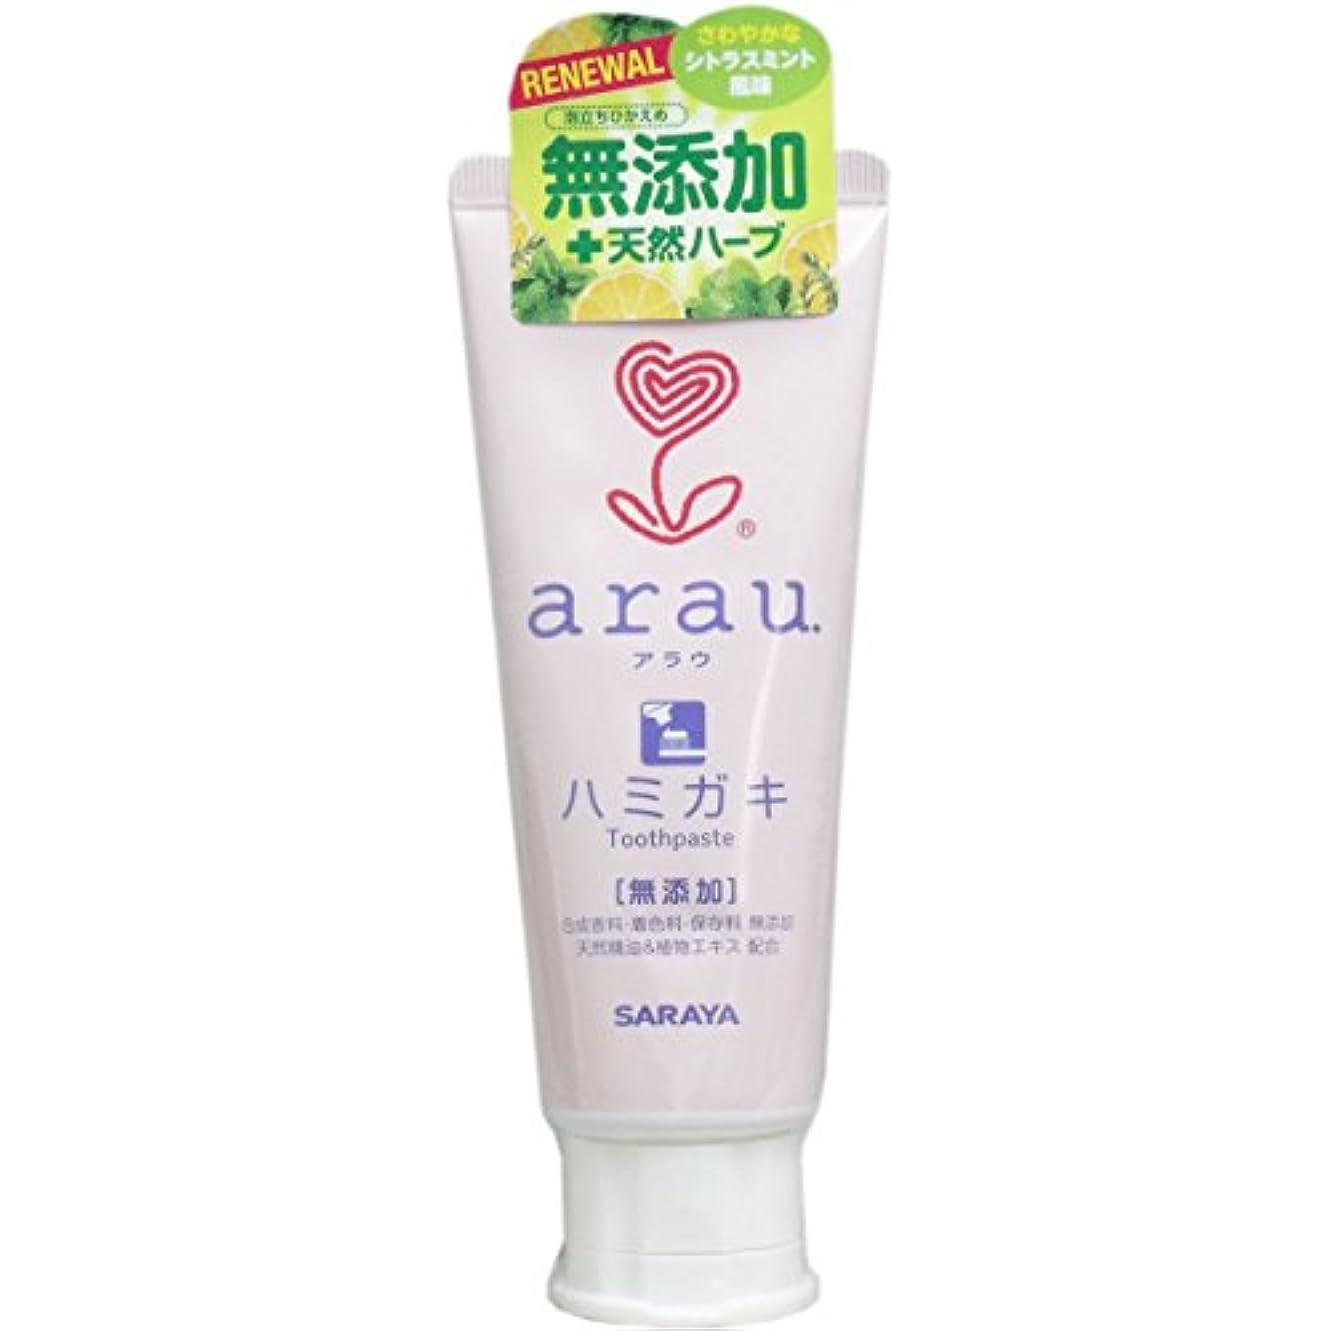 アフリカピニオン口【お徳用 10 セット】 arau.(アラウ) せっけんハミガキ 120g×10セット